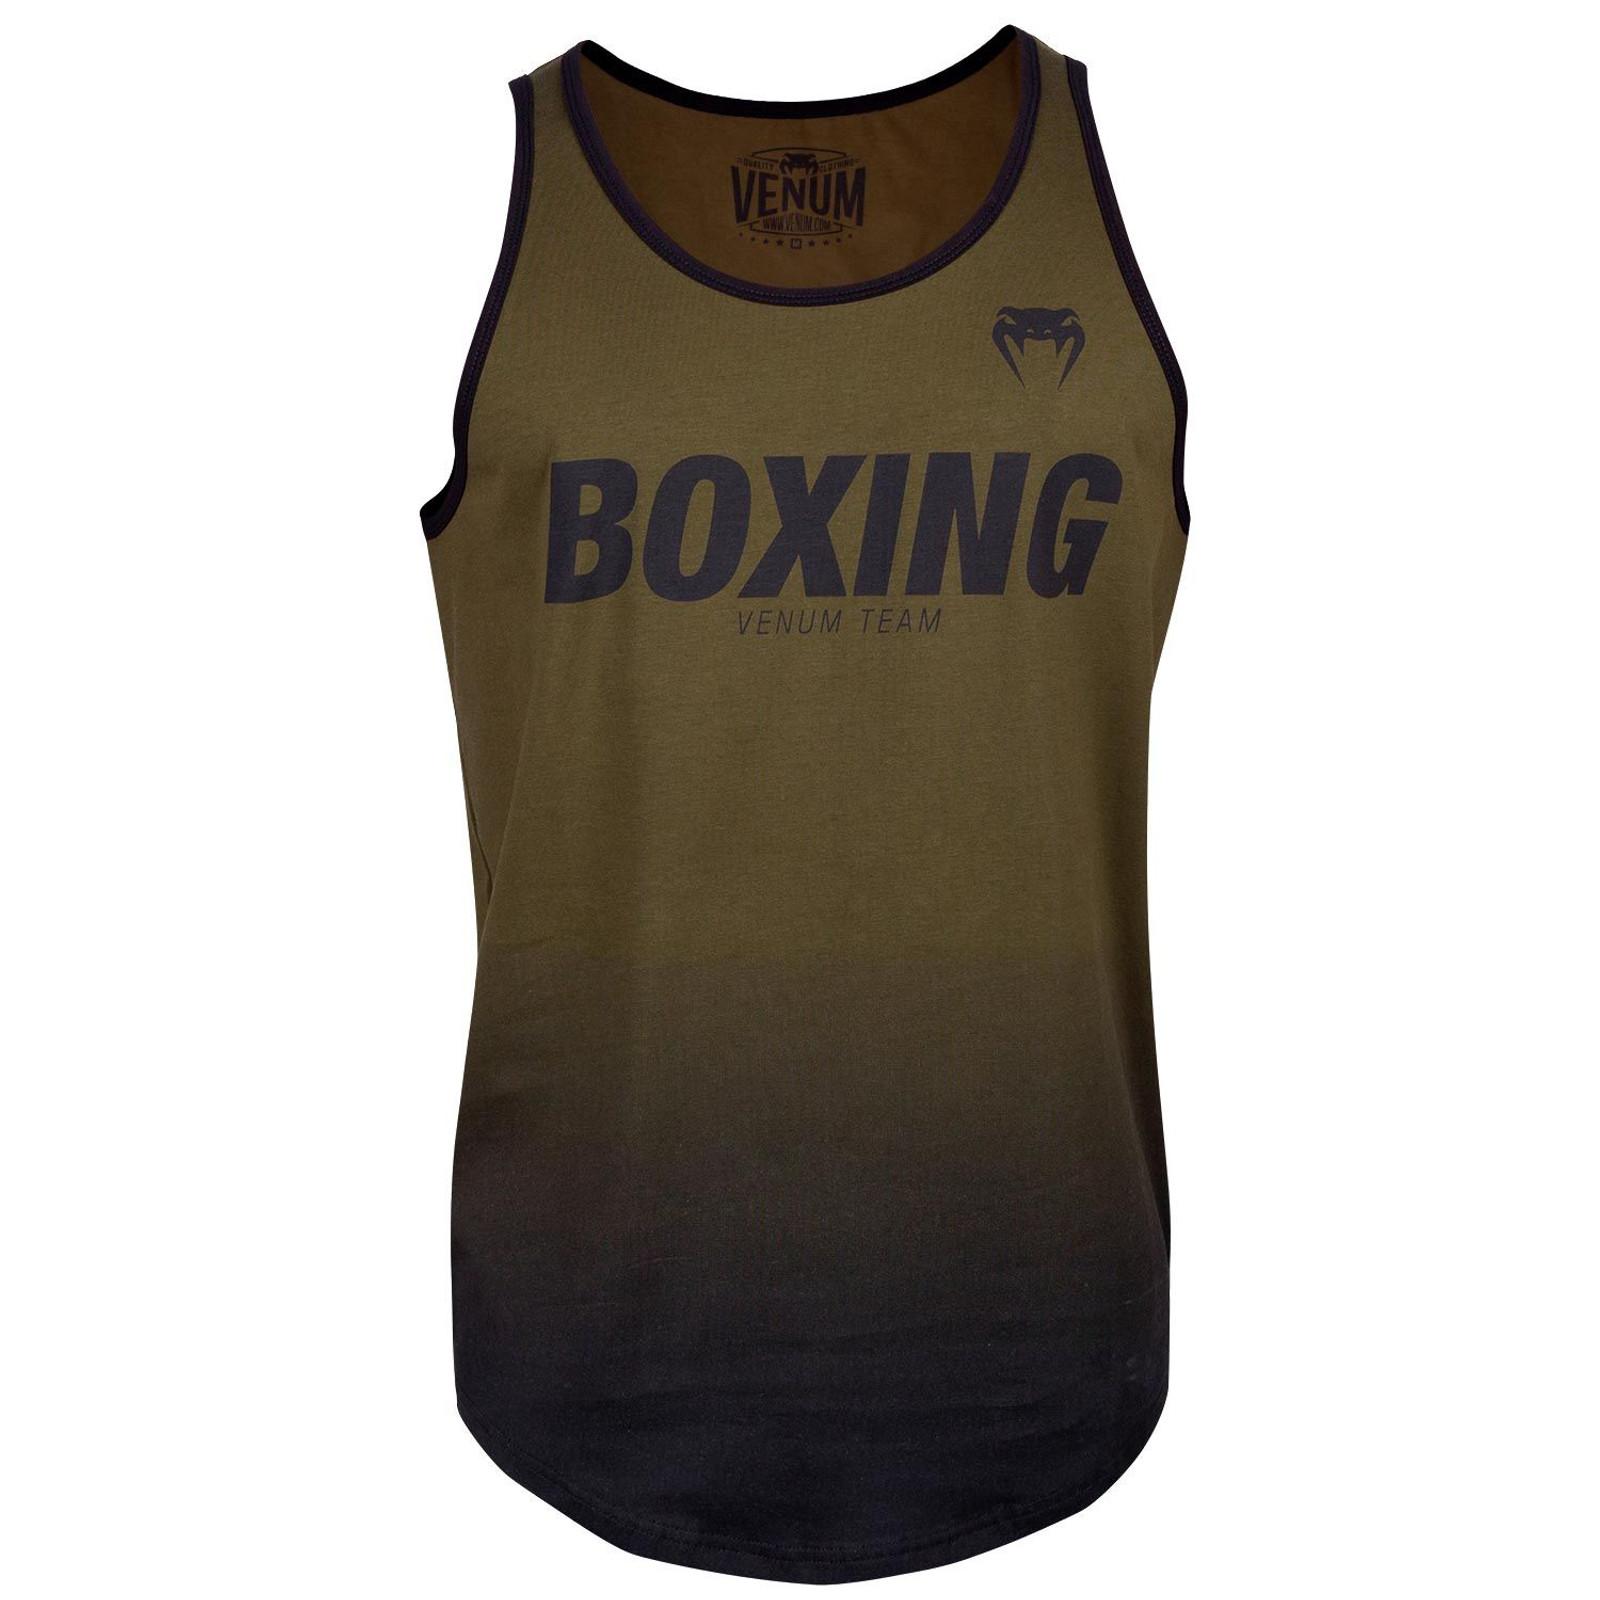 Venum Tank Top Boxing VT